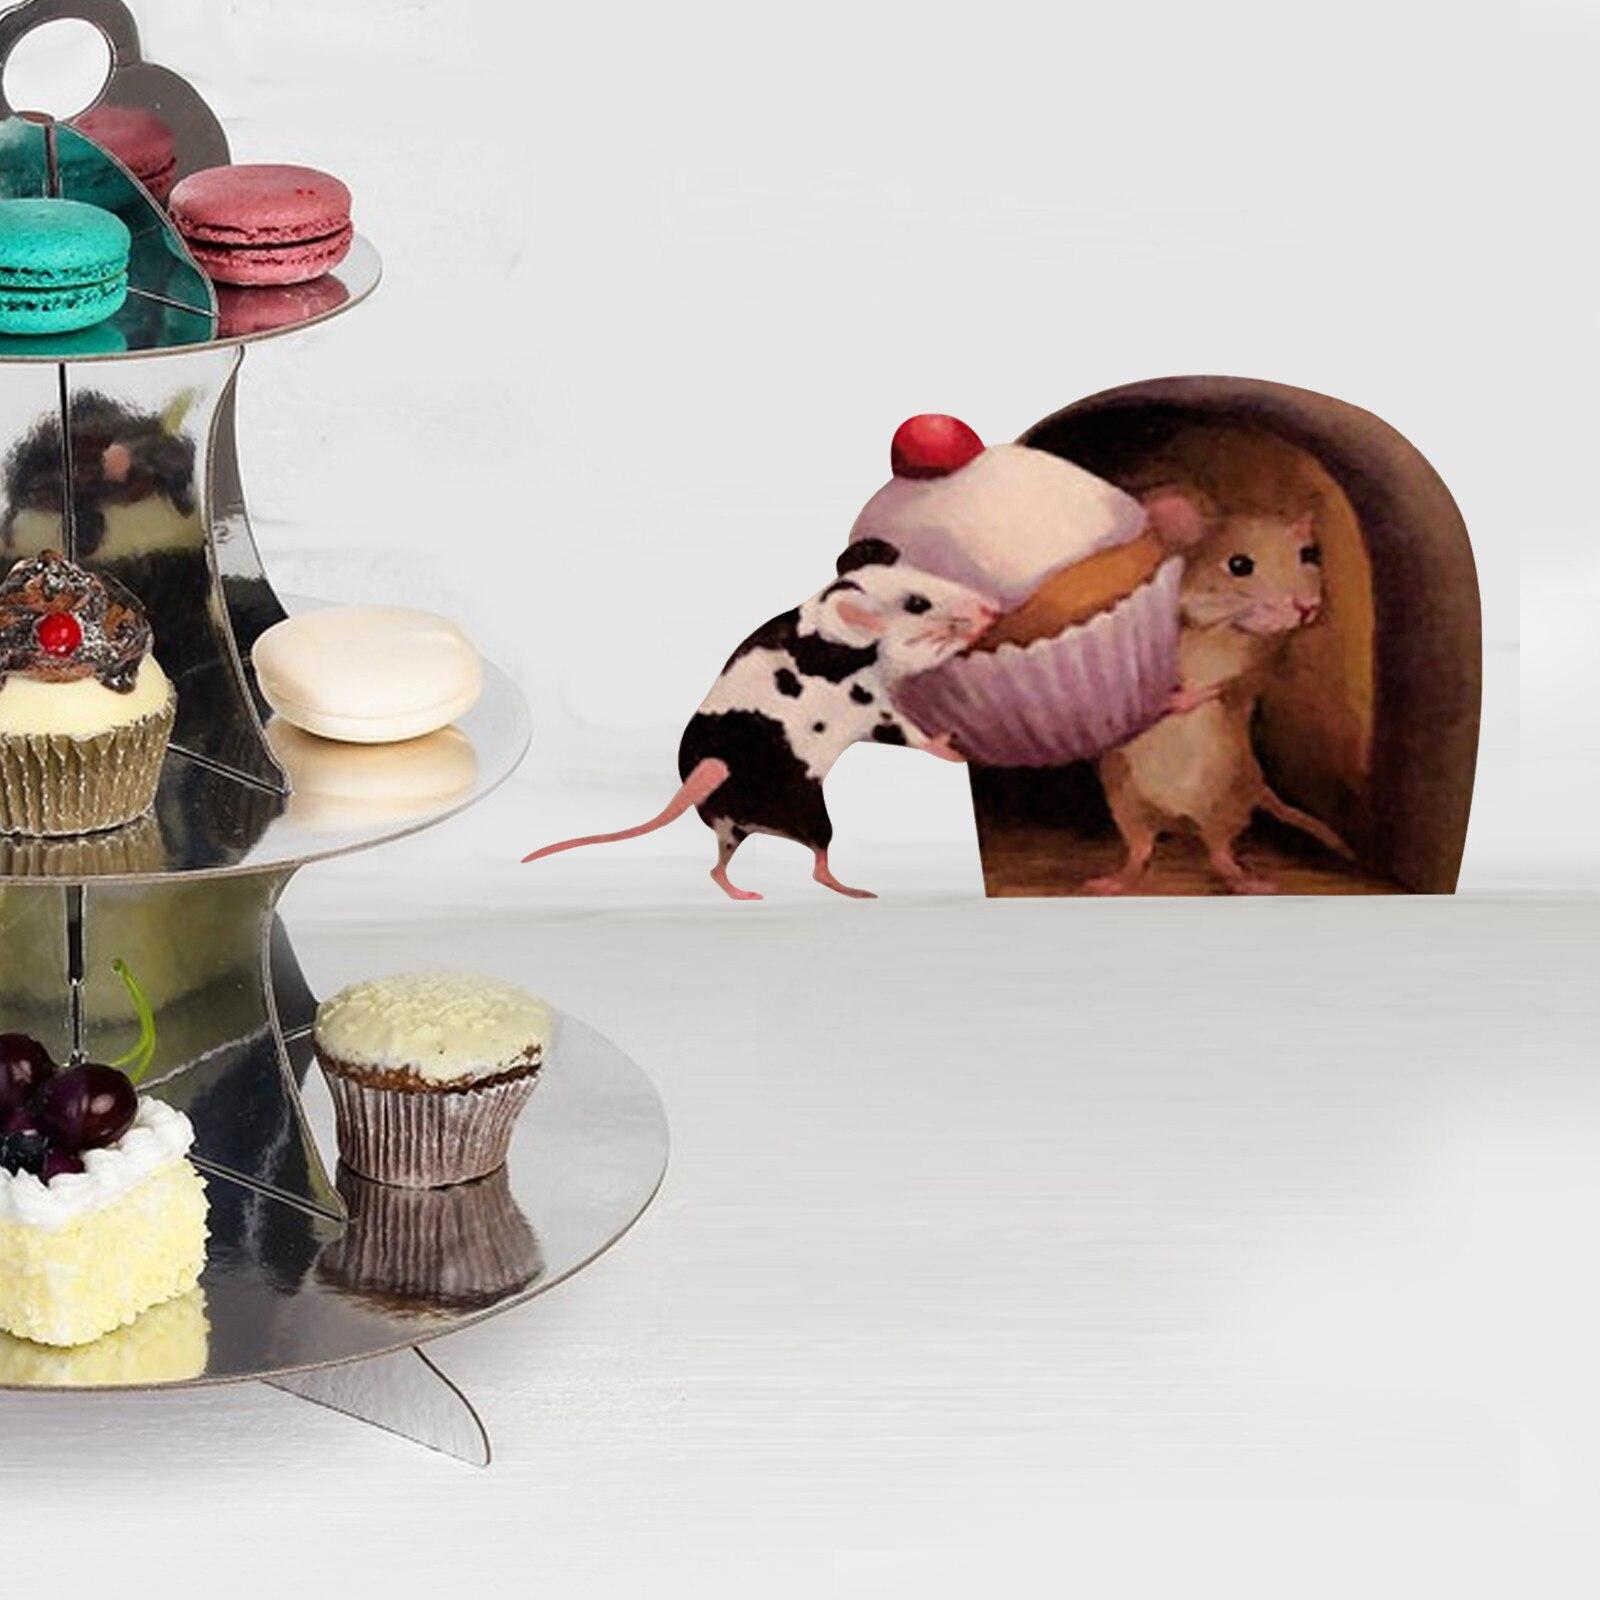 5 uds 3d etiqueta de la Pared de ratón de dibujos animados...